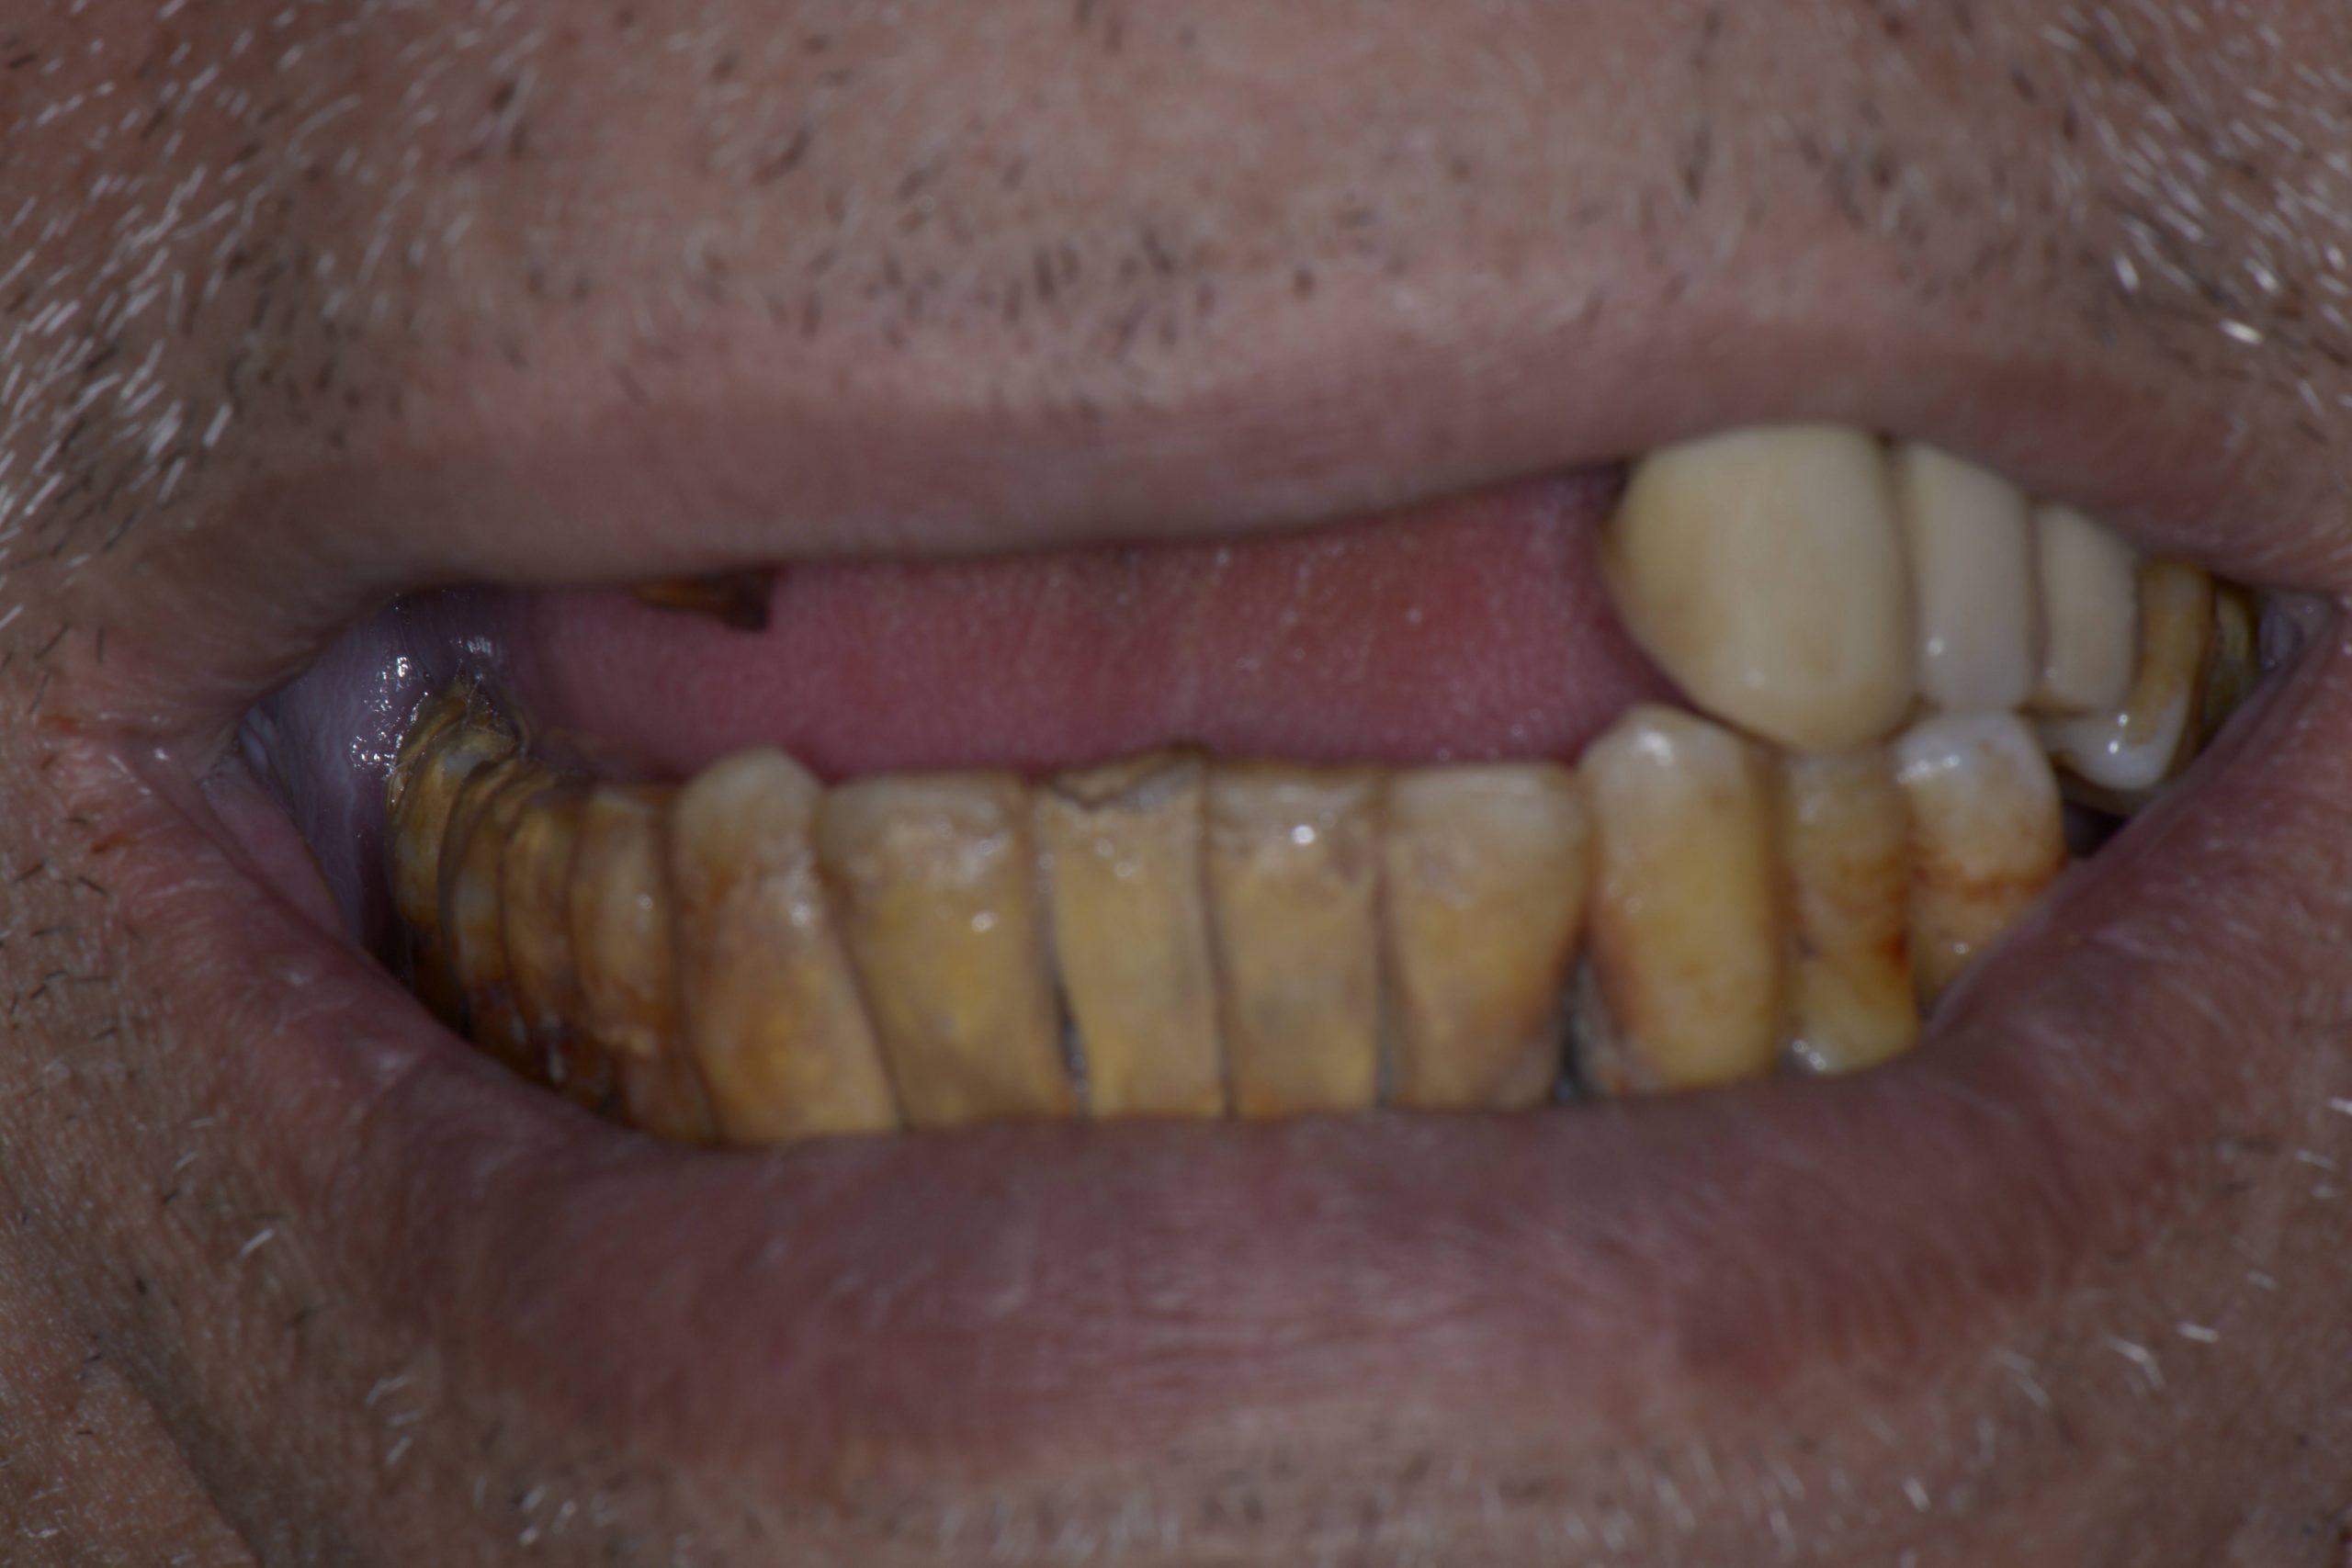 Lost upper teeth